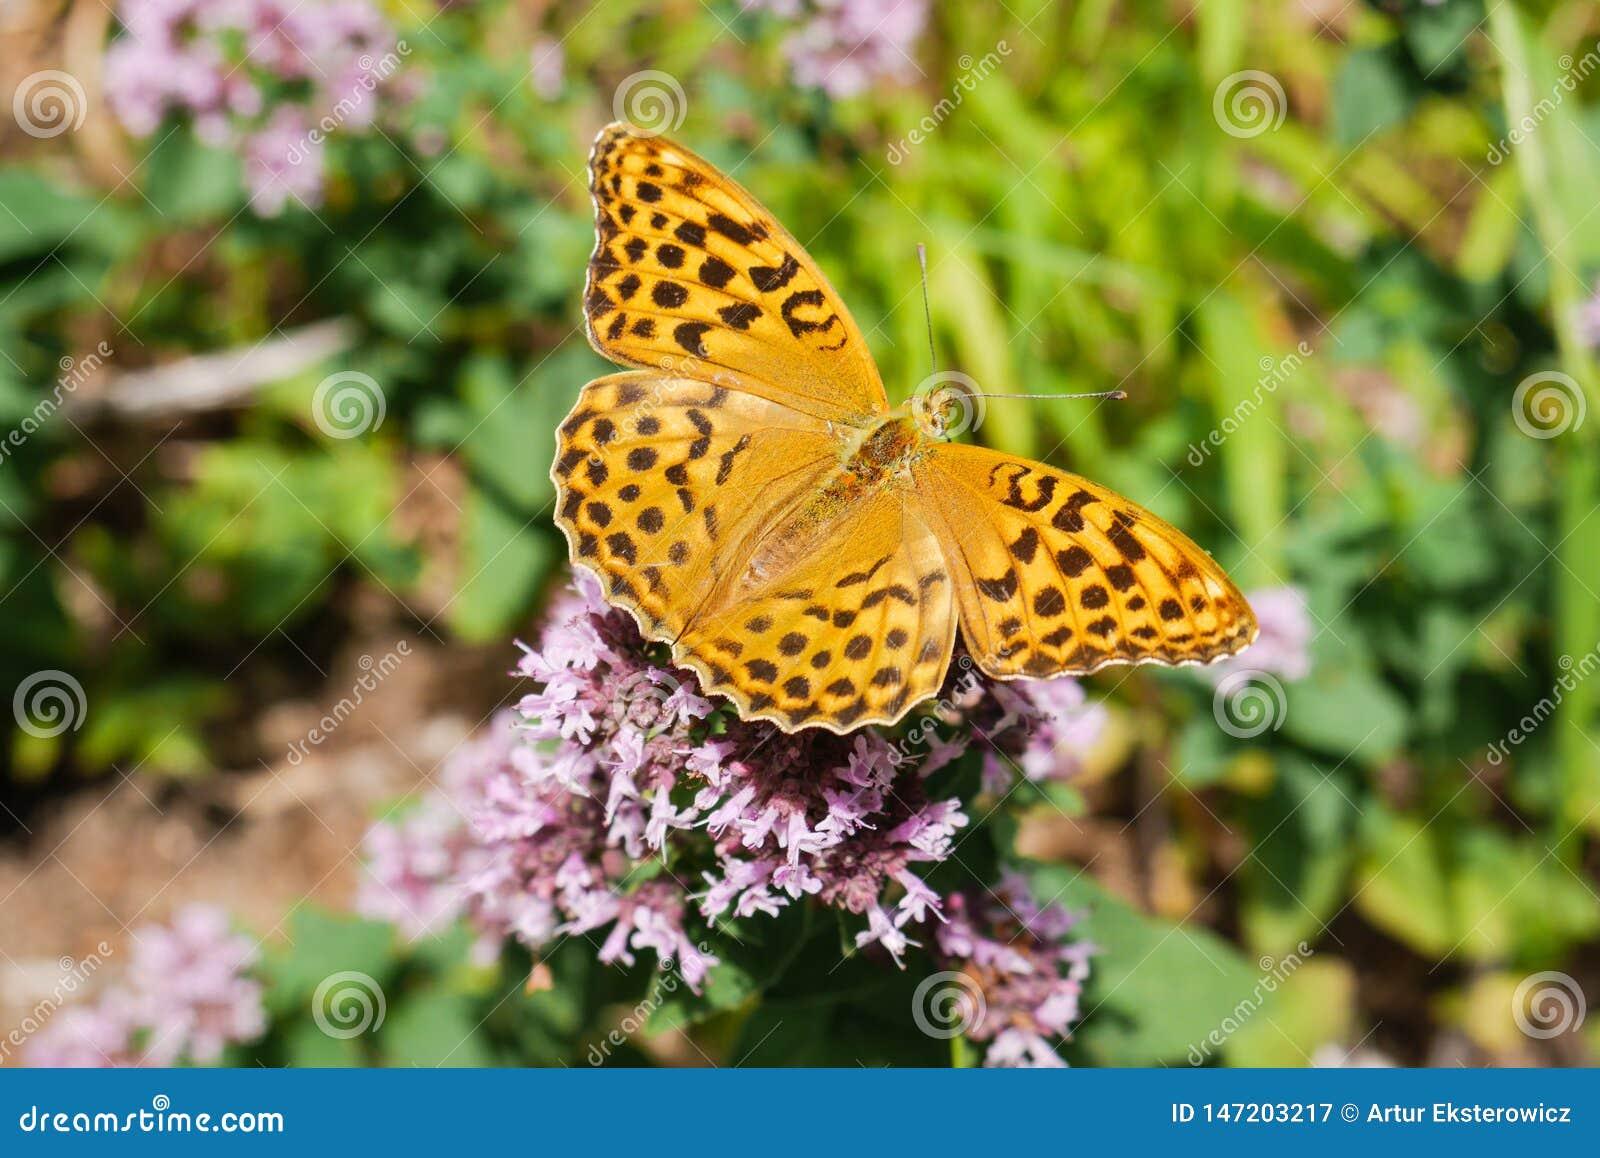 Een mooie vlinder op bloemen